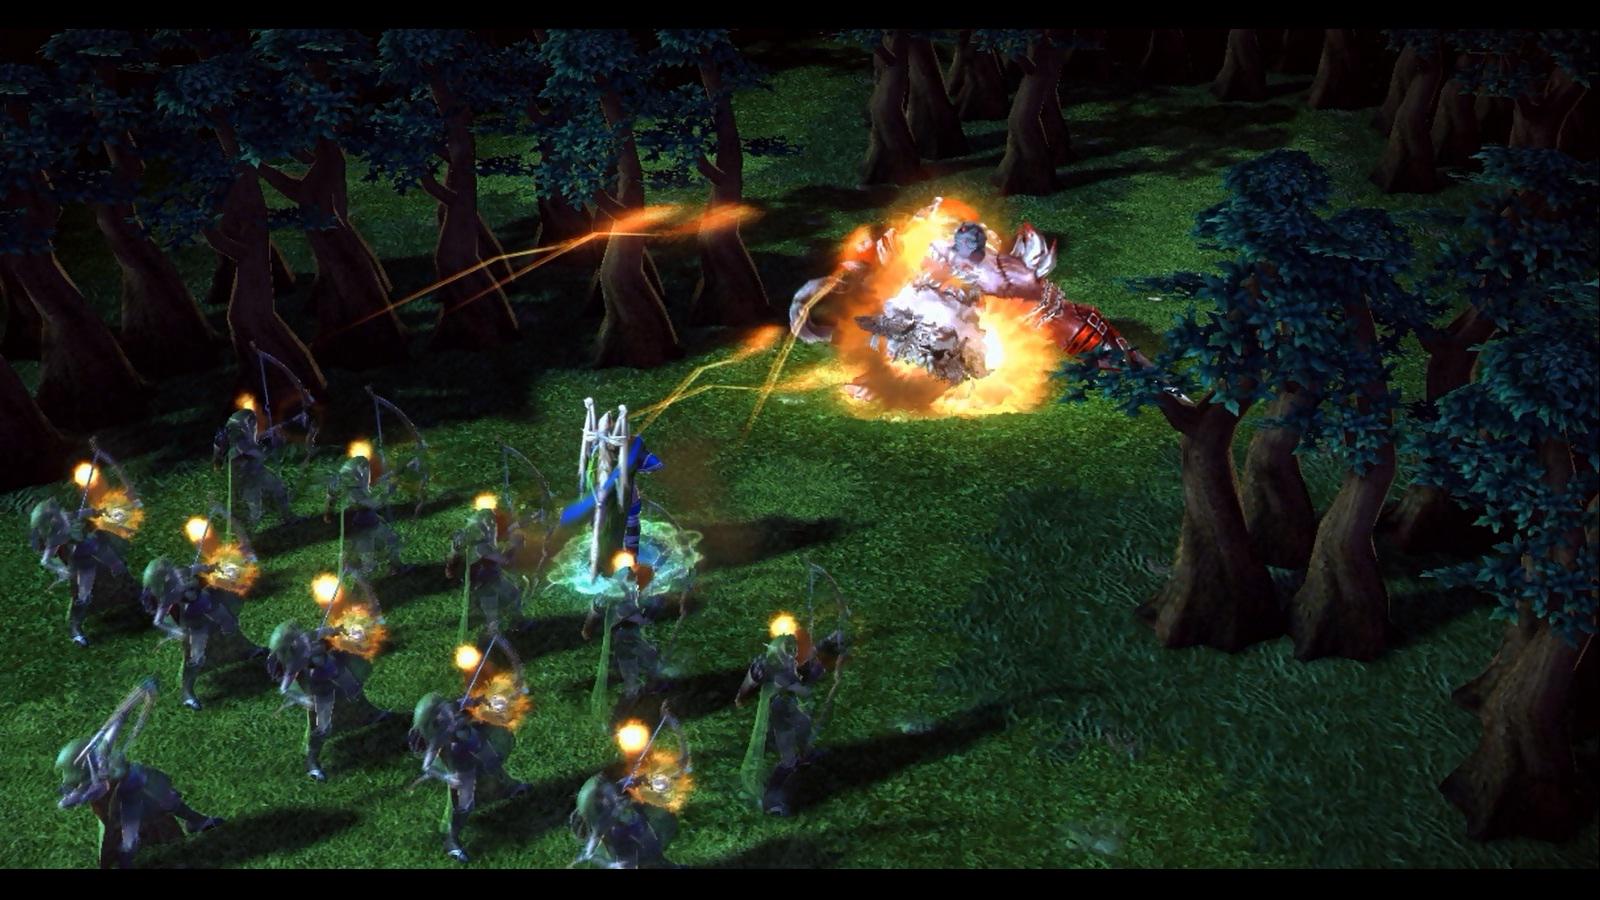 対戦型戦略オンラインゲーム『カオスヒーローズオンライン』